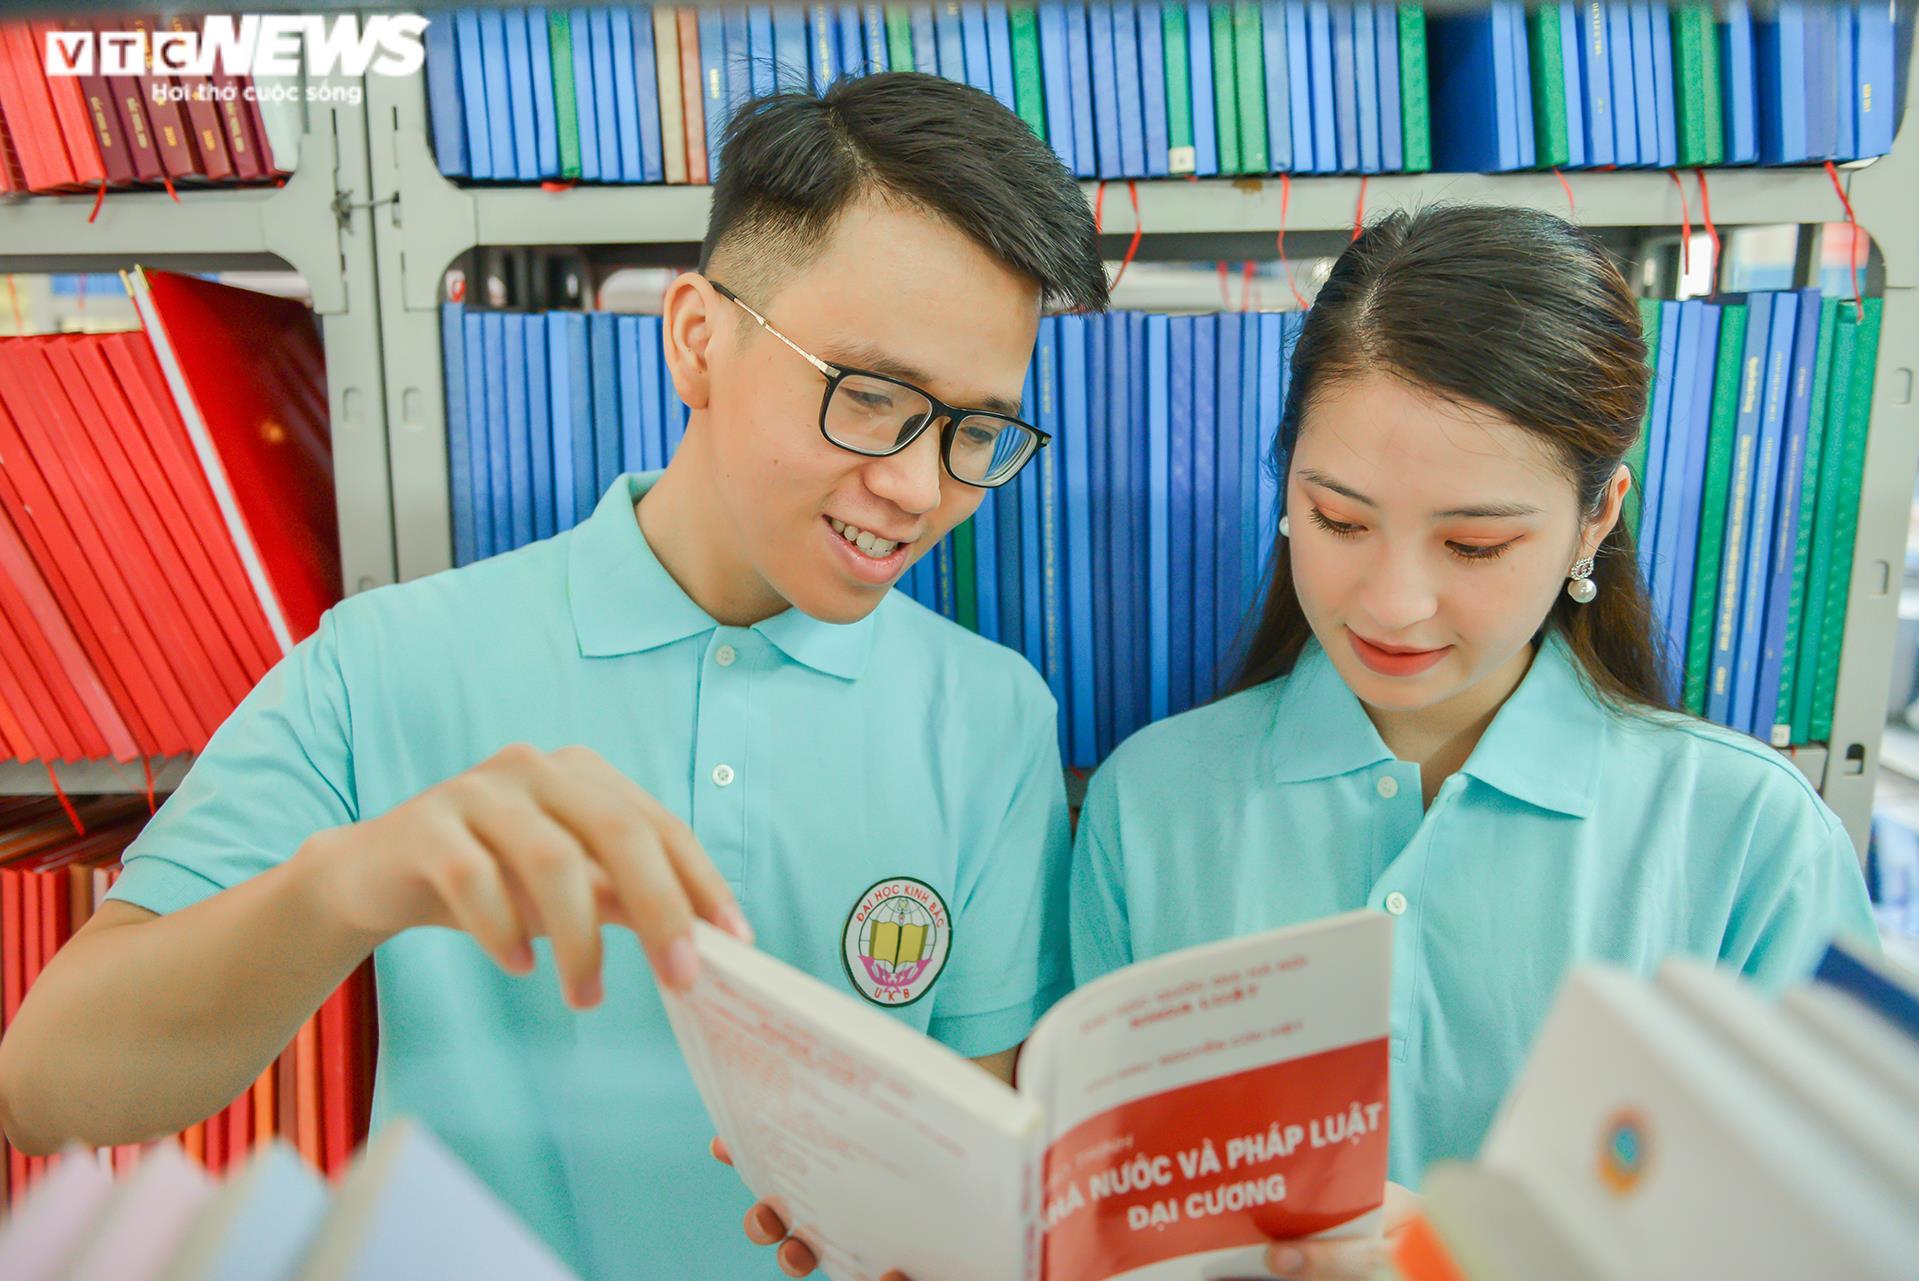 Ngôi trường cho sinh viên 'chọn việc để làm' ở Kinh Bắc - 4